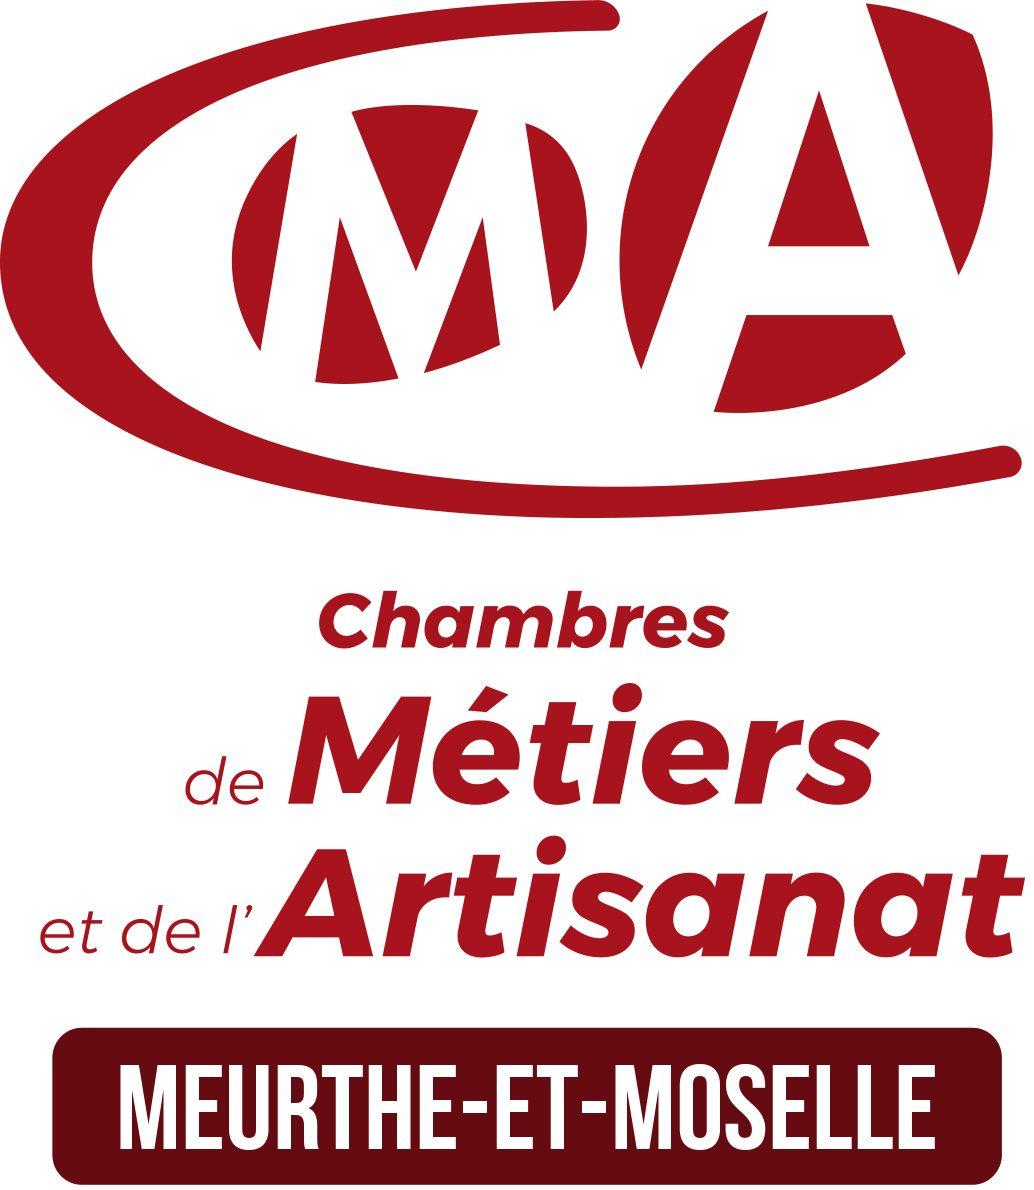 Chambre de Métiers et de l'Artisanat de Meurthe-et-Moselle